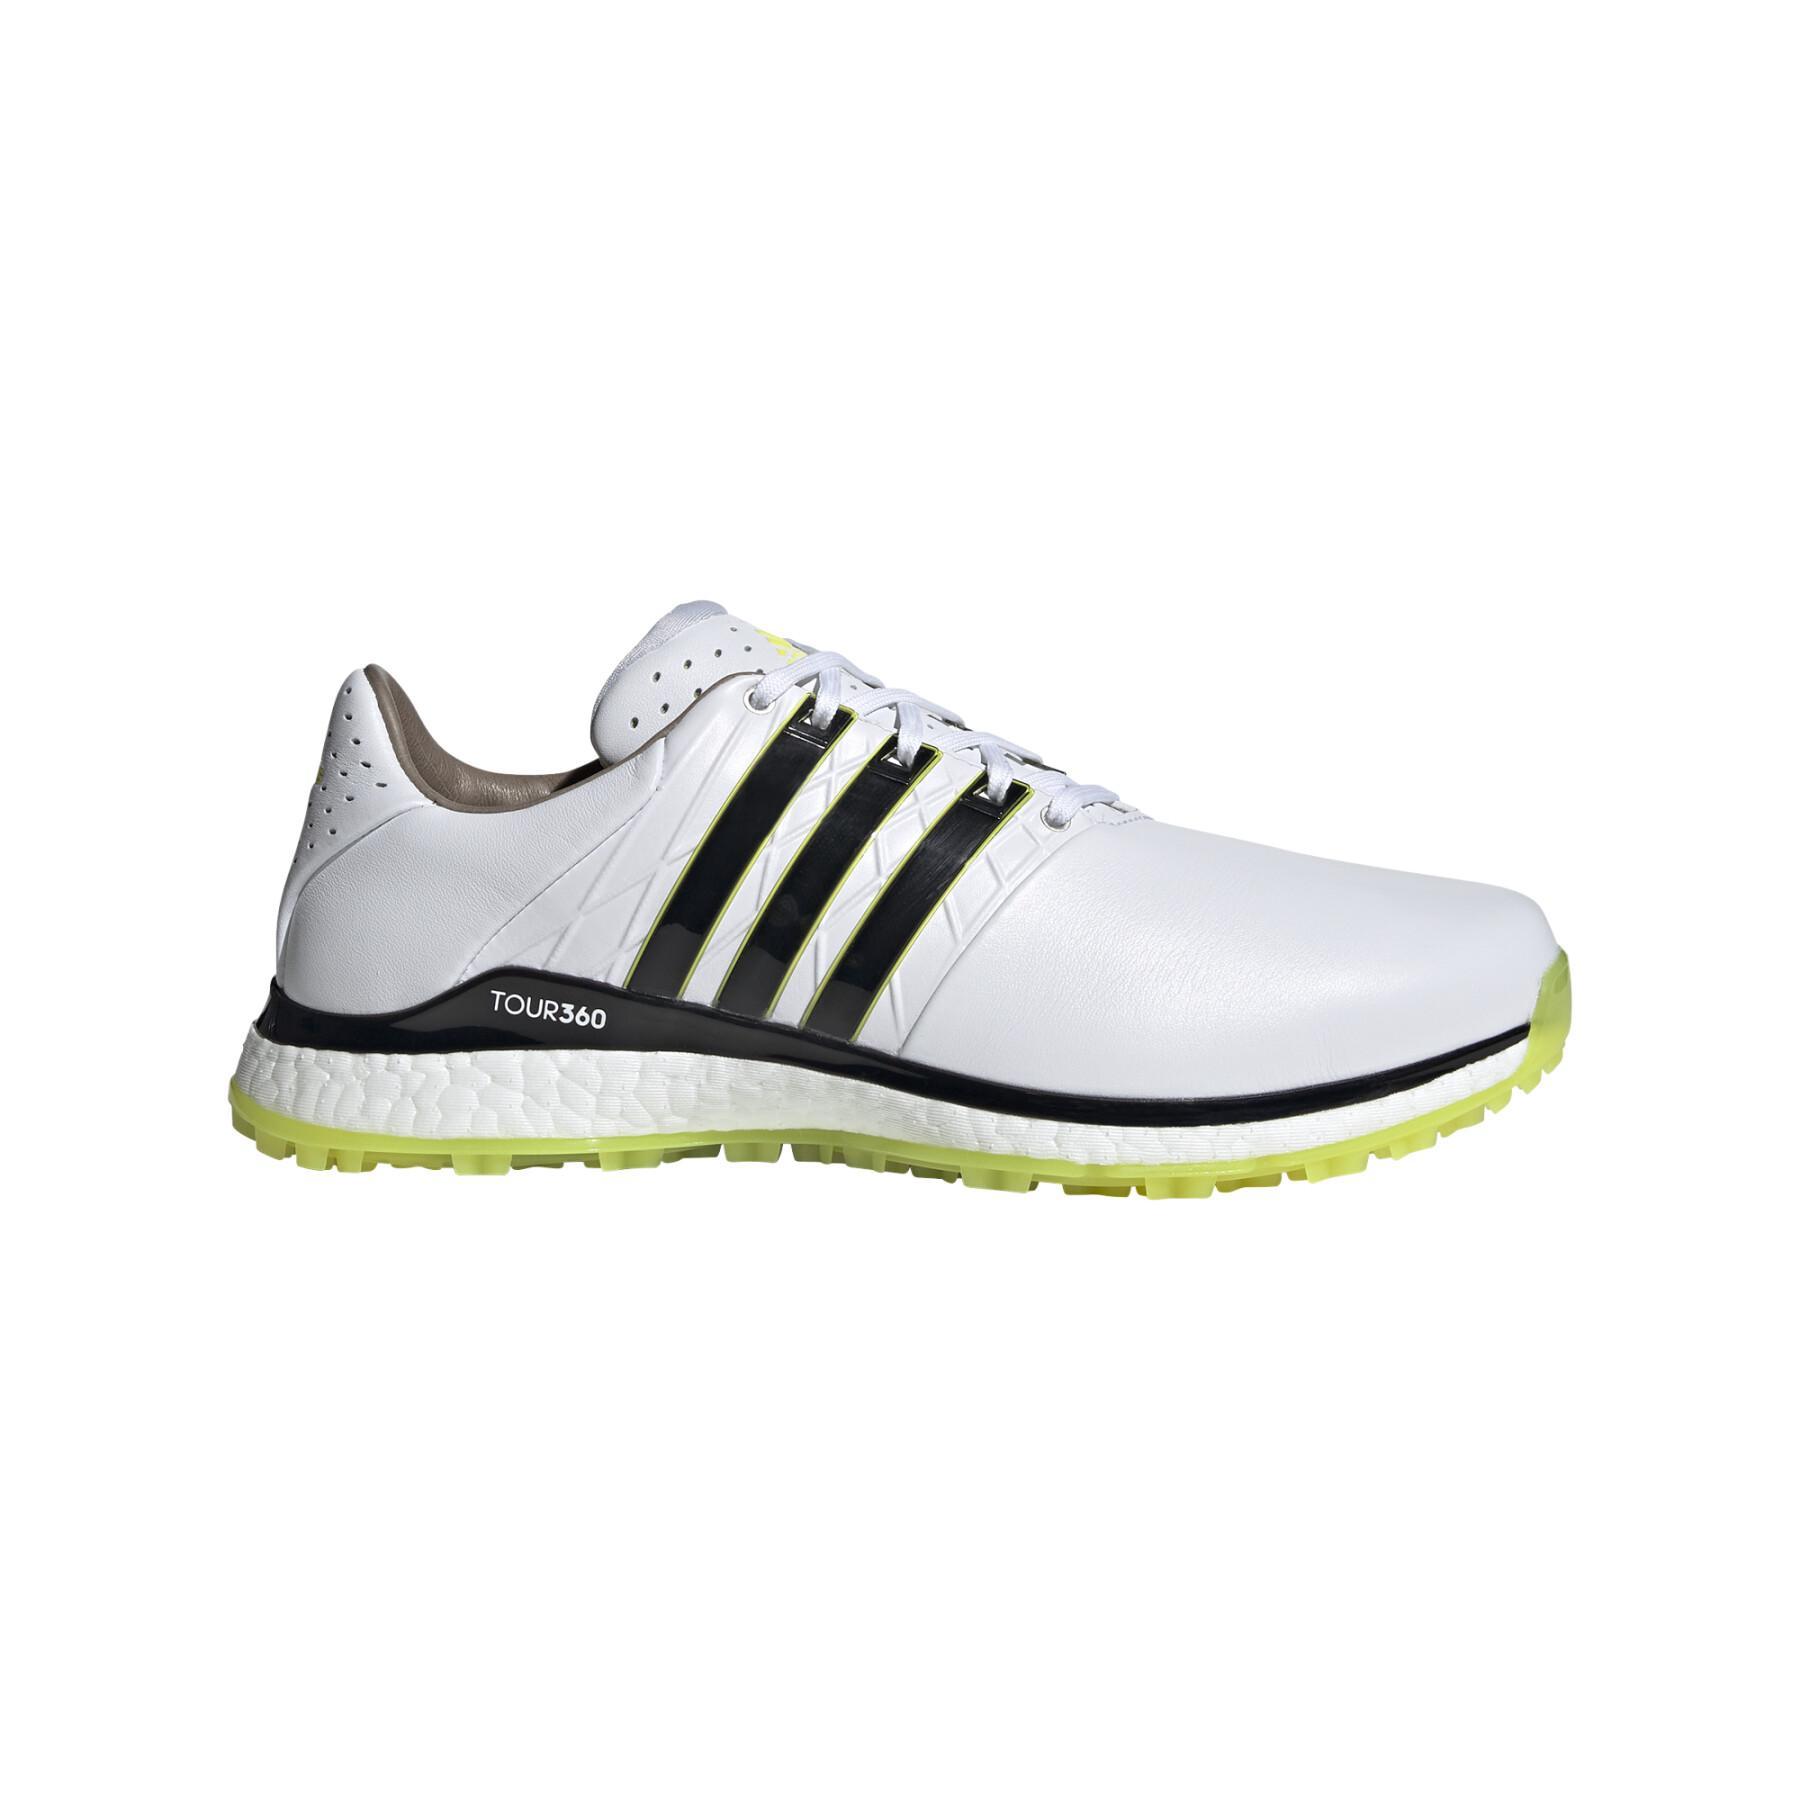 Schoenen adidas TOUR360 XT-SL 2.0